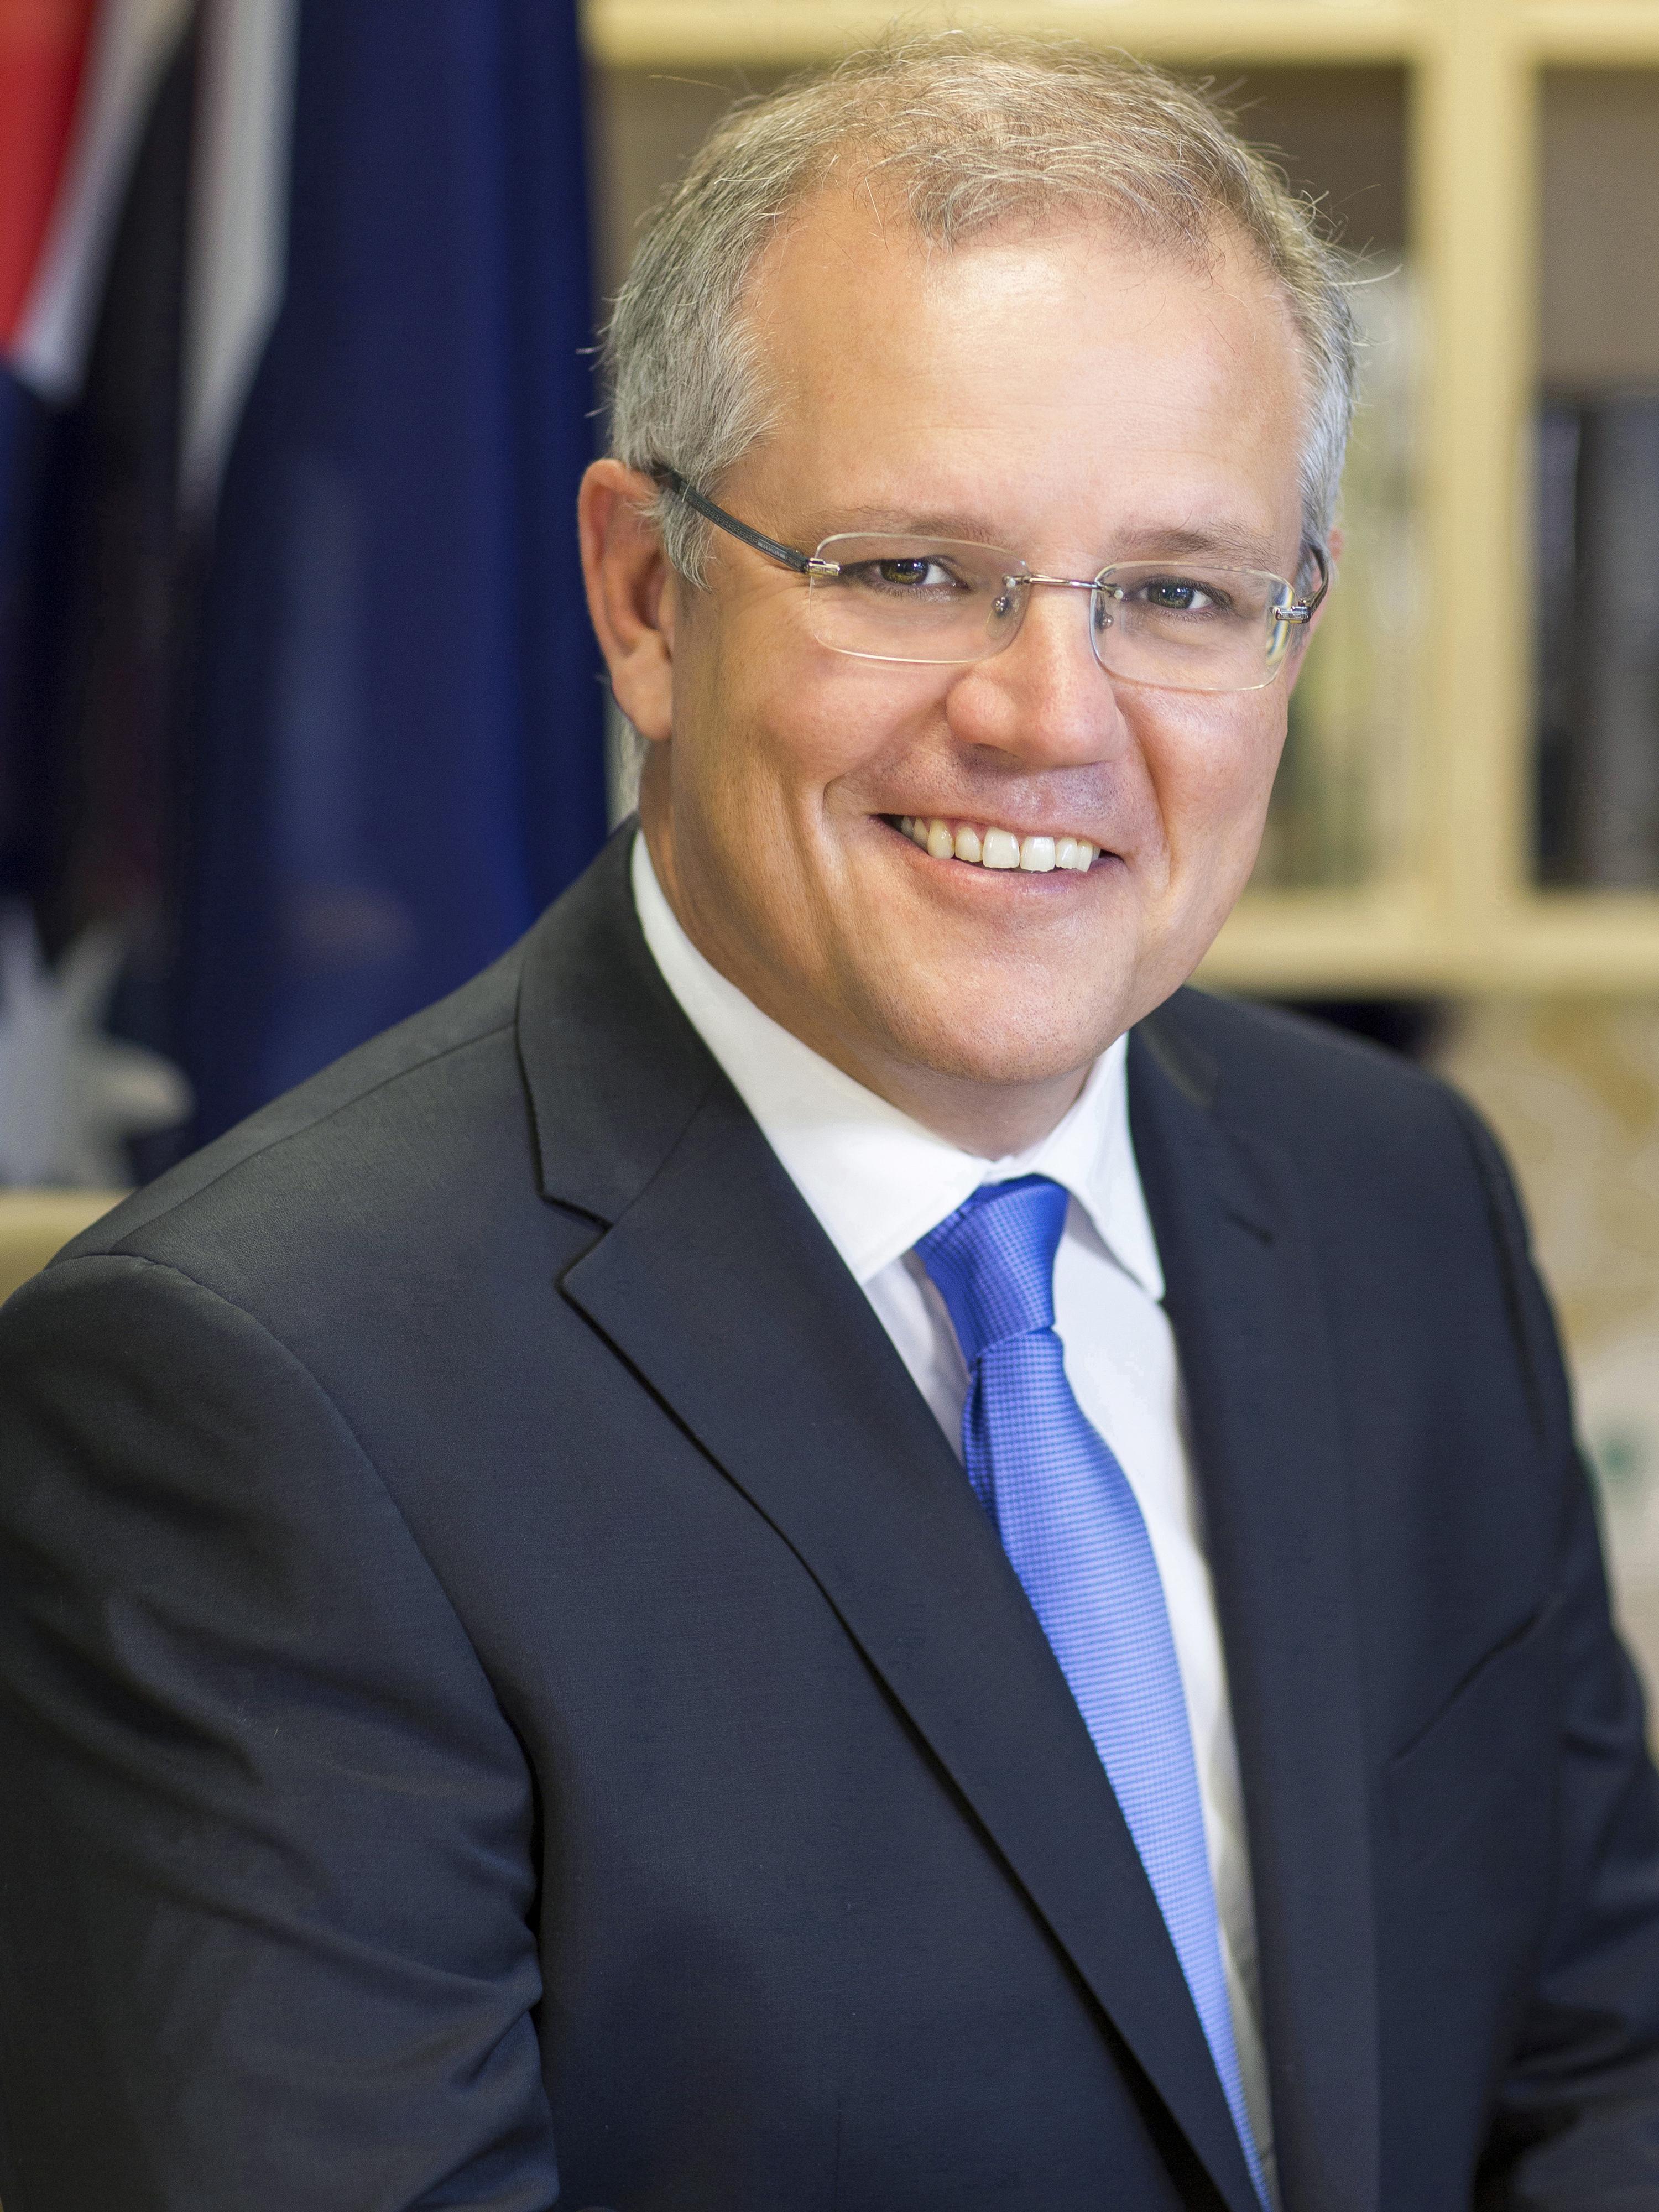 नागरिकका लागि कोरोनाविरुद्धको खोप निःशुल्क दिने अष्ट्रेलियाको घोषणा